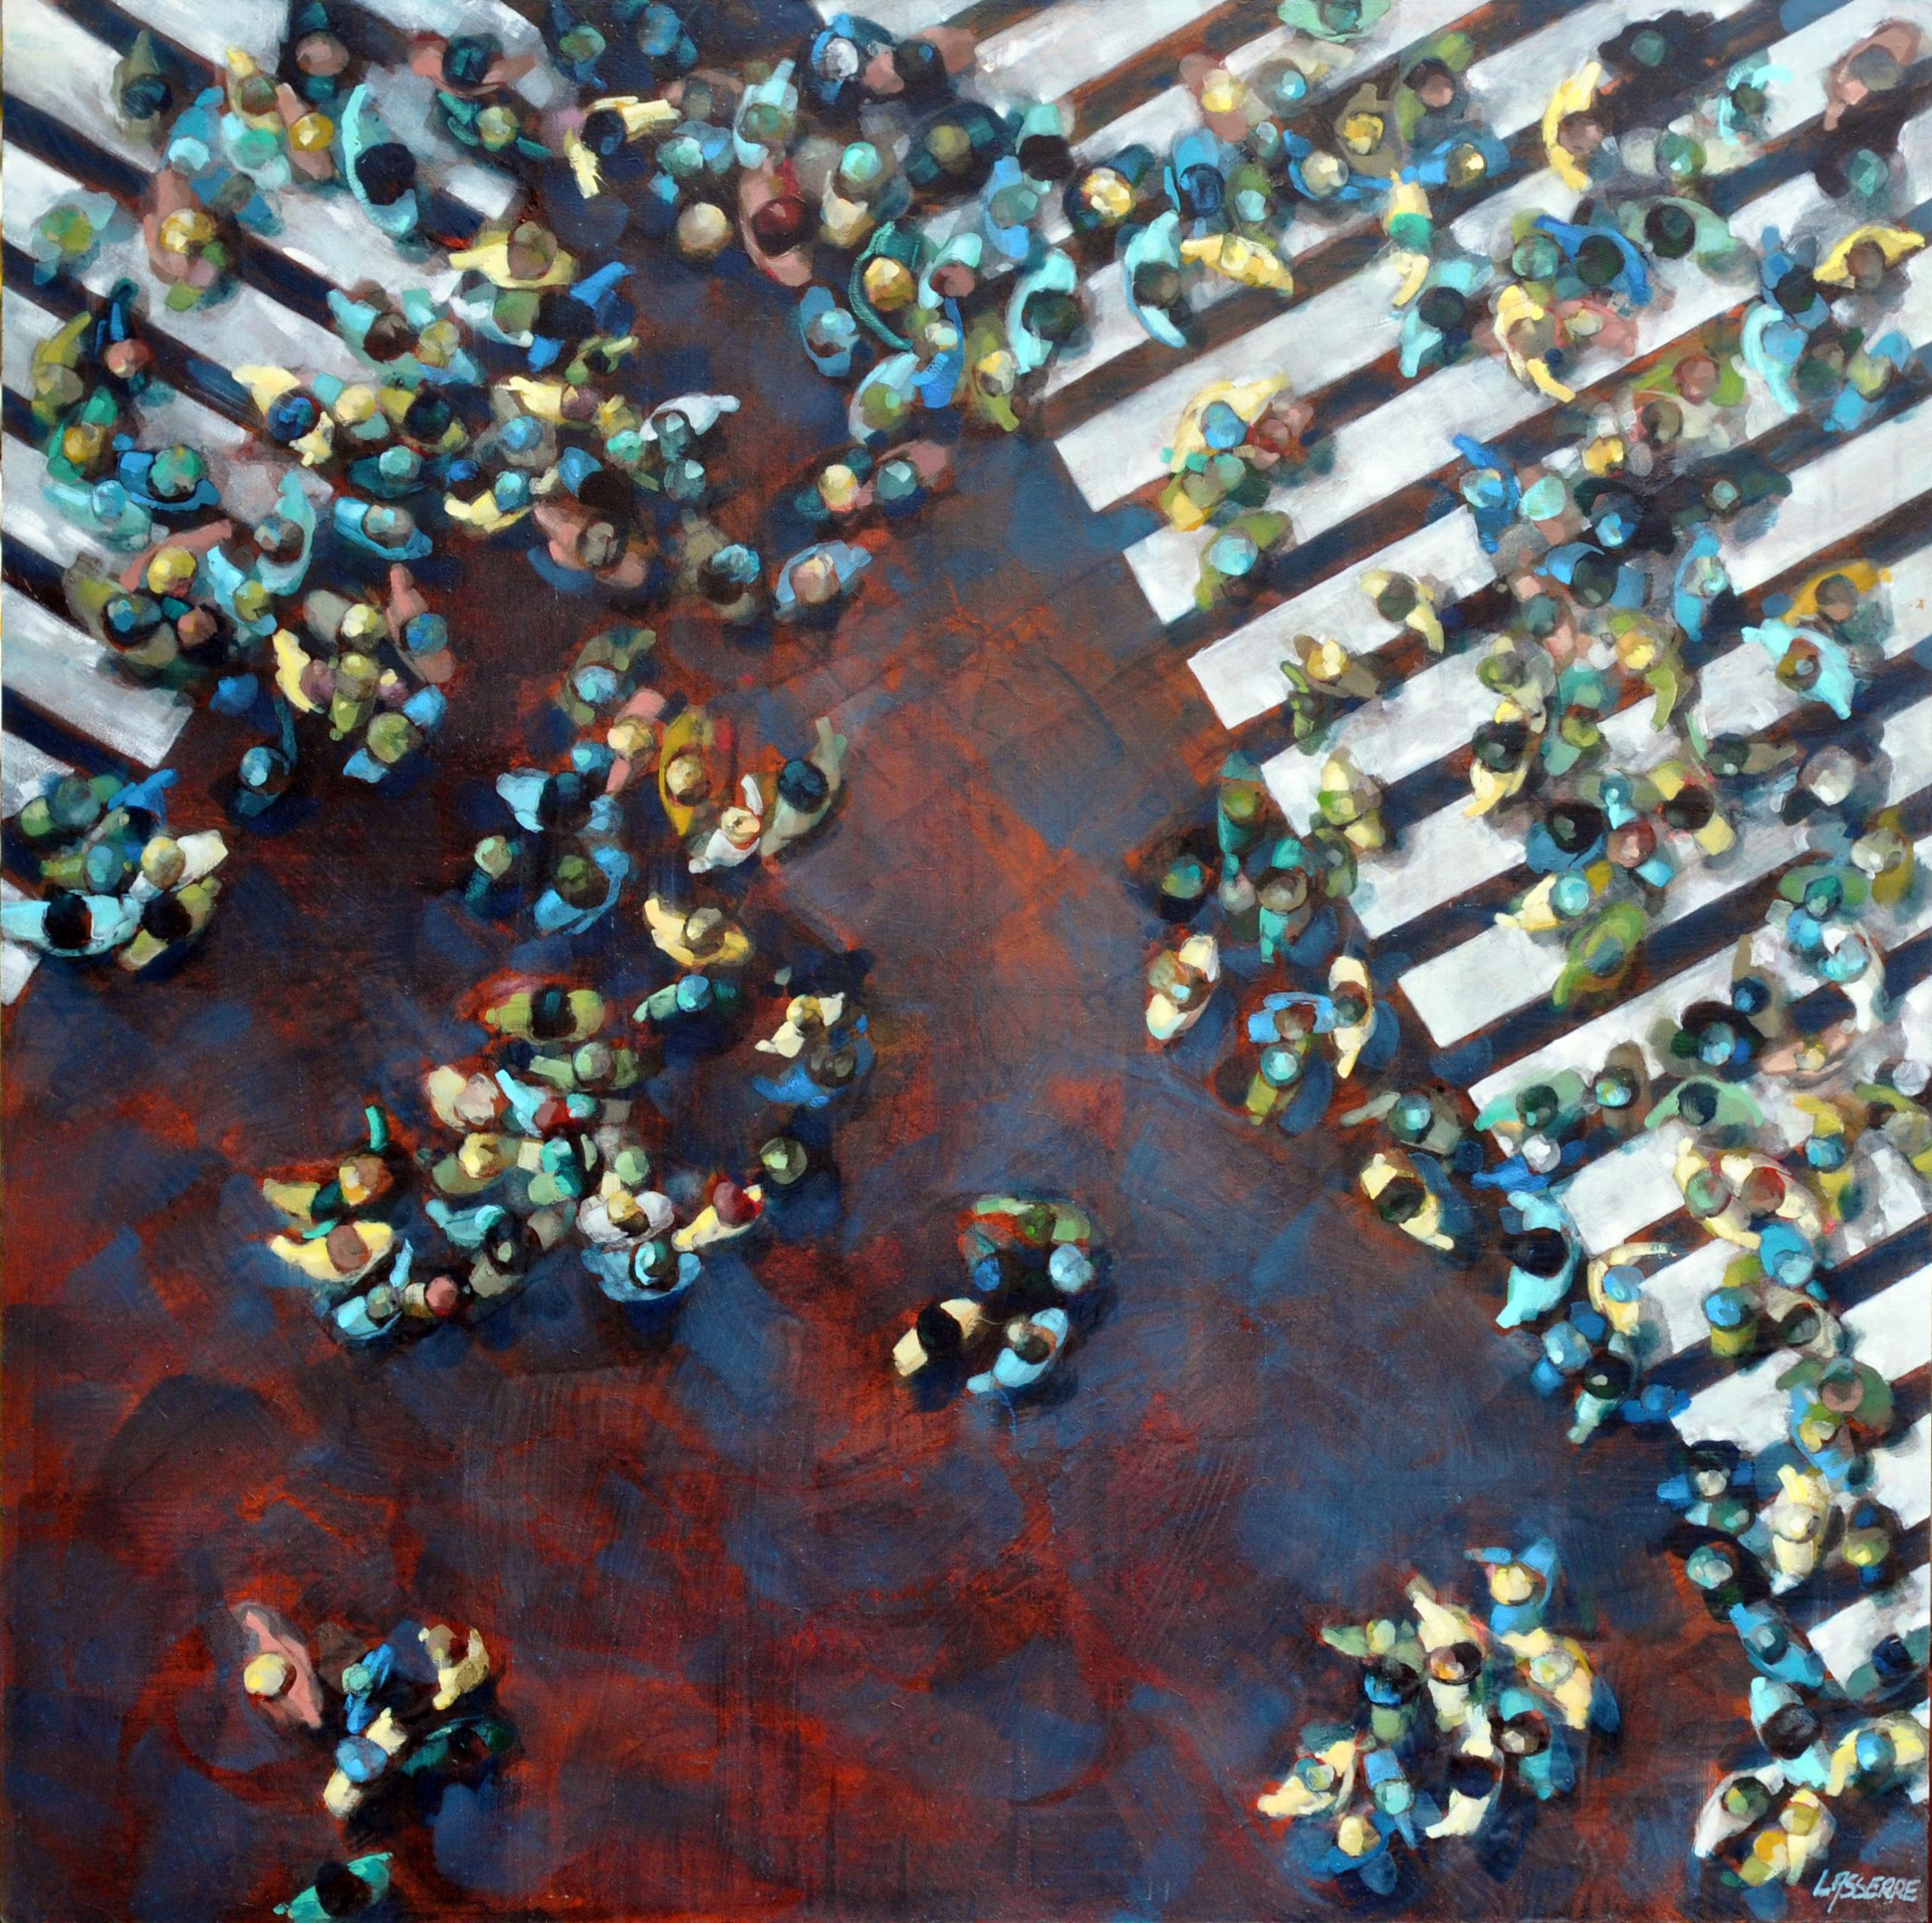 En dehors des clous - 110 110 2020 Huile sur médium ©adagp paris lasserre